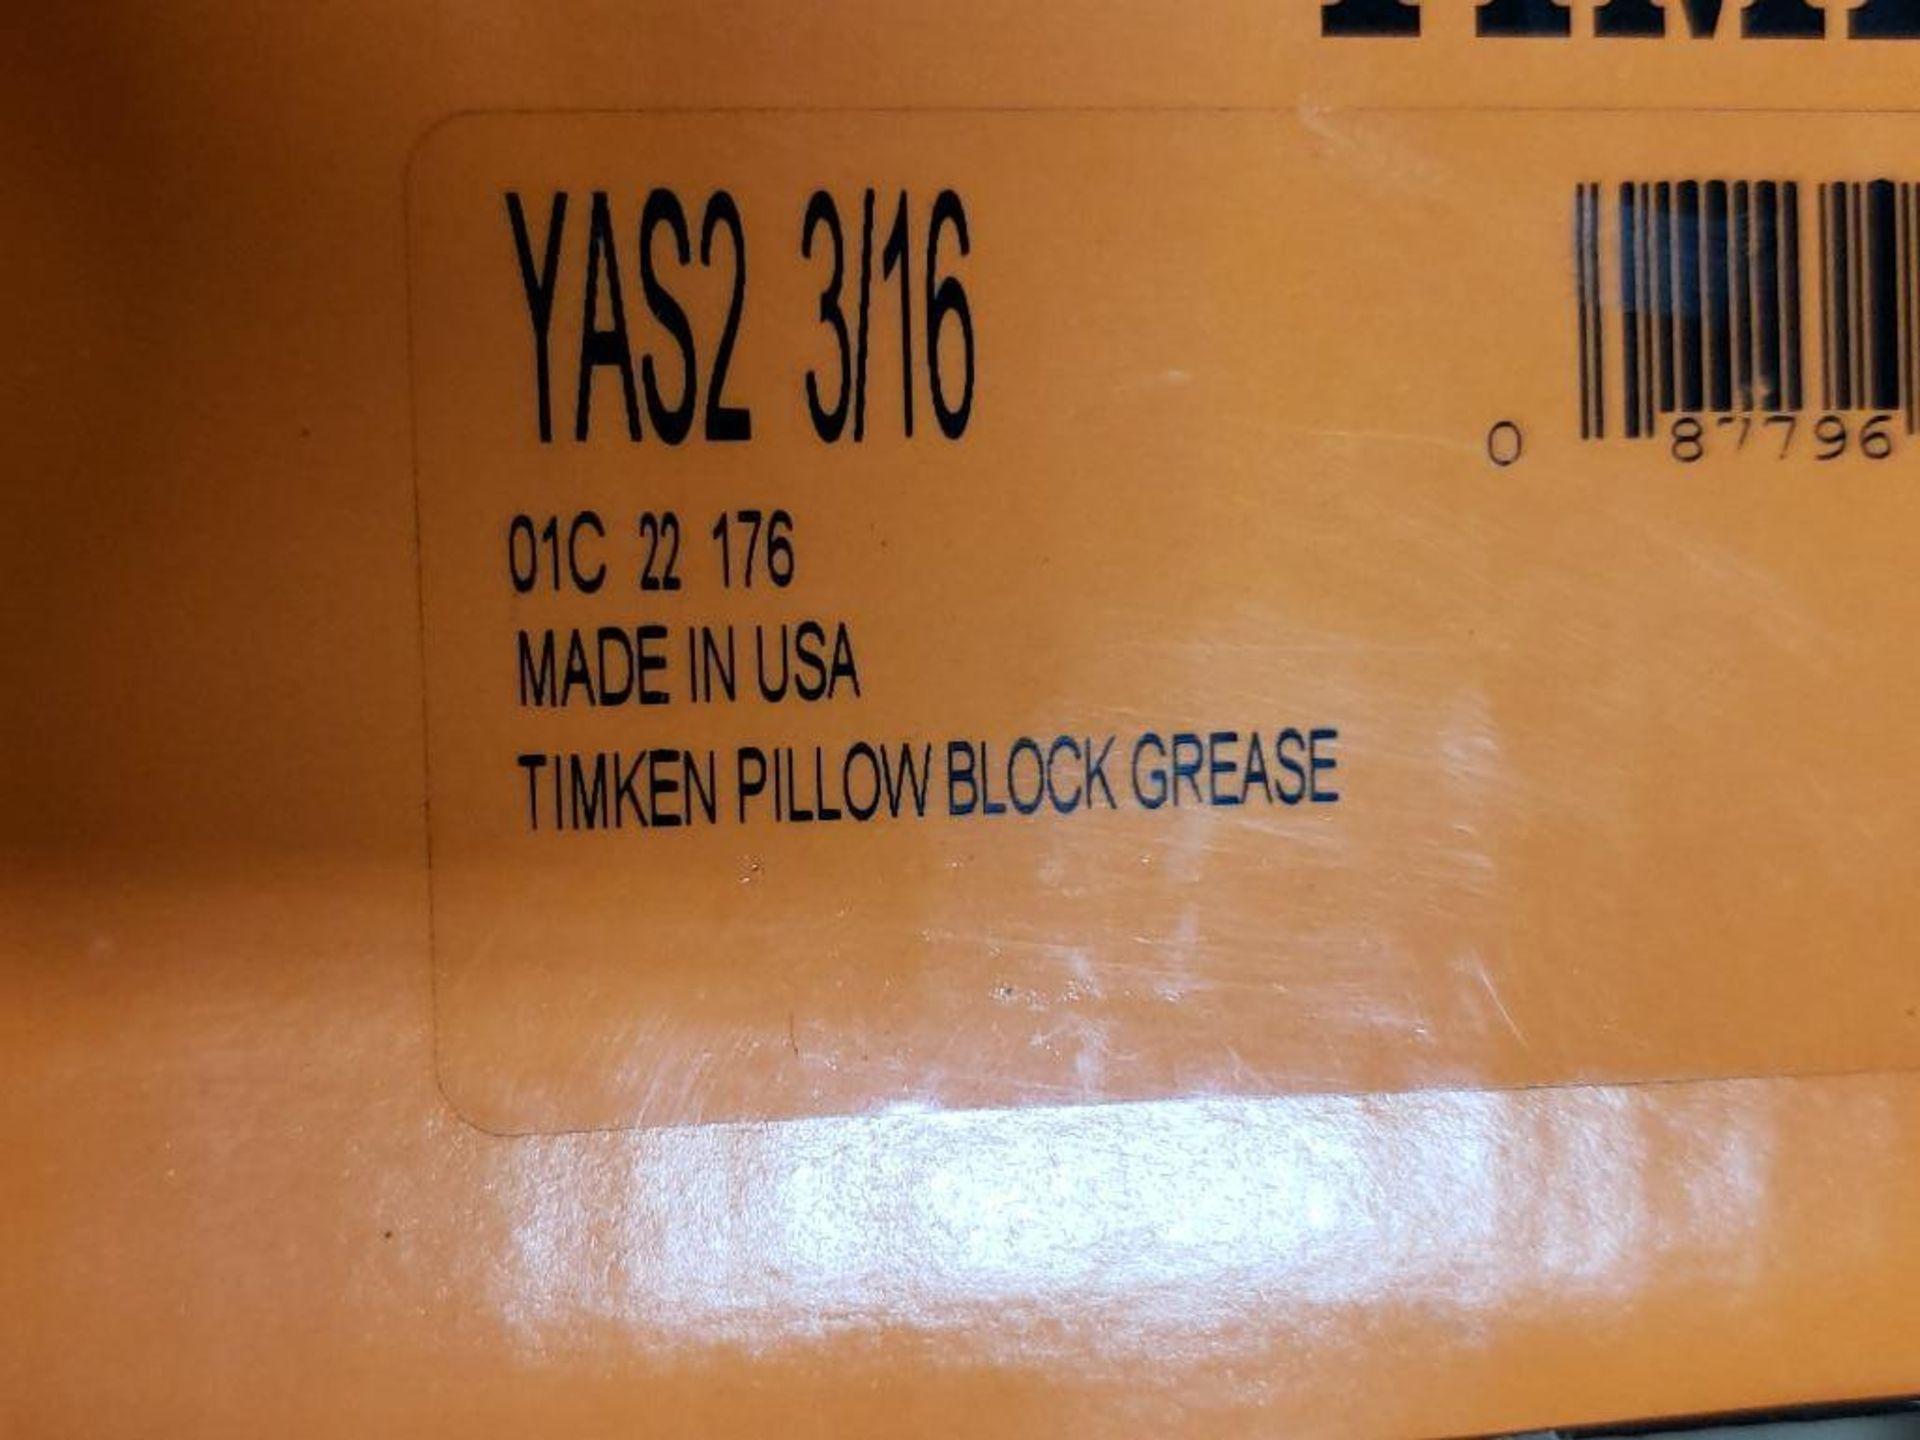 Qty 2 - Mounted bearings. Timken YAS2-3/16. - Image 2 of 3